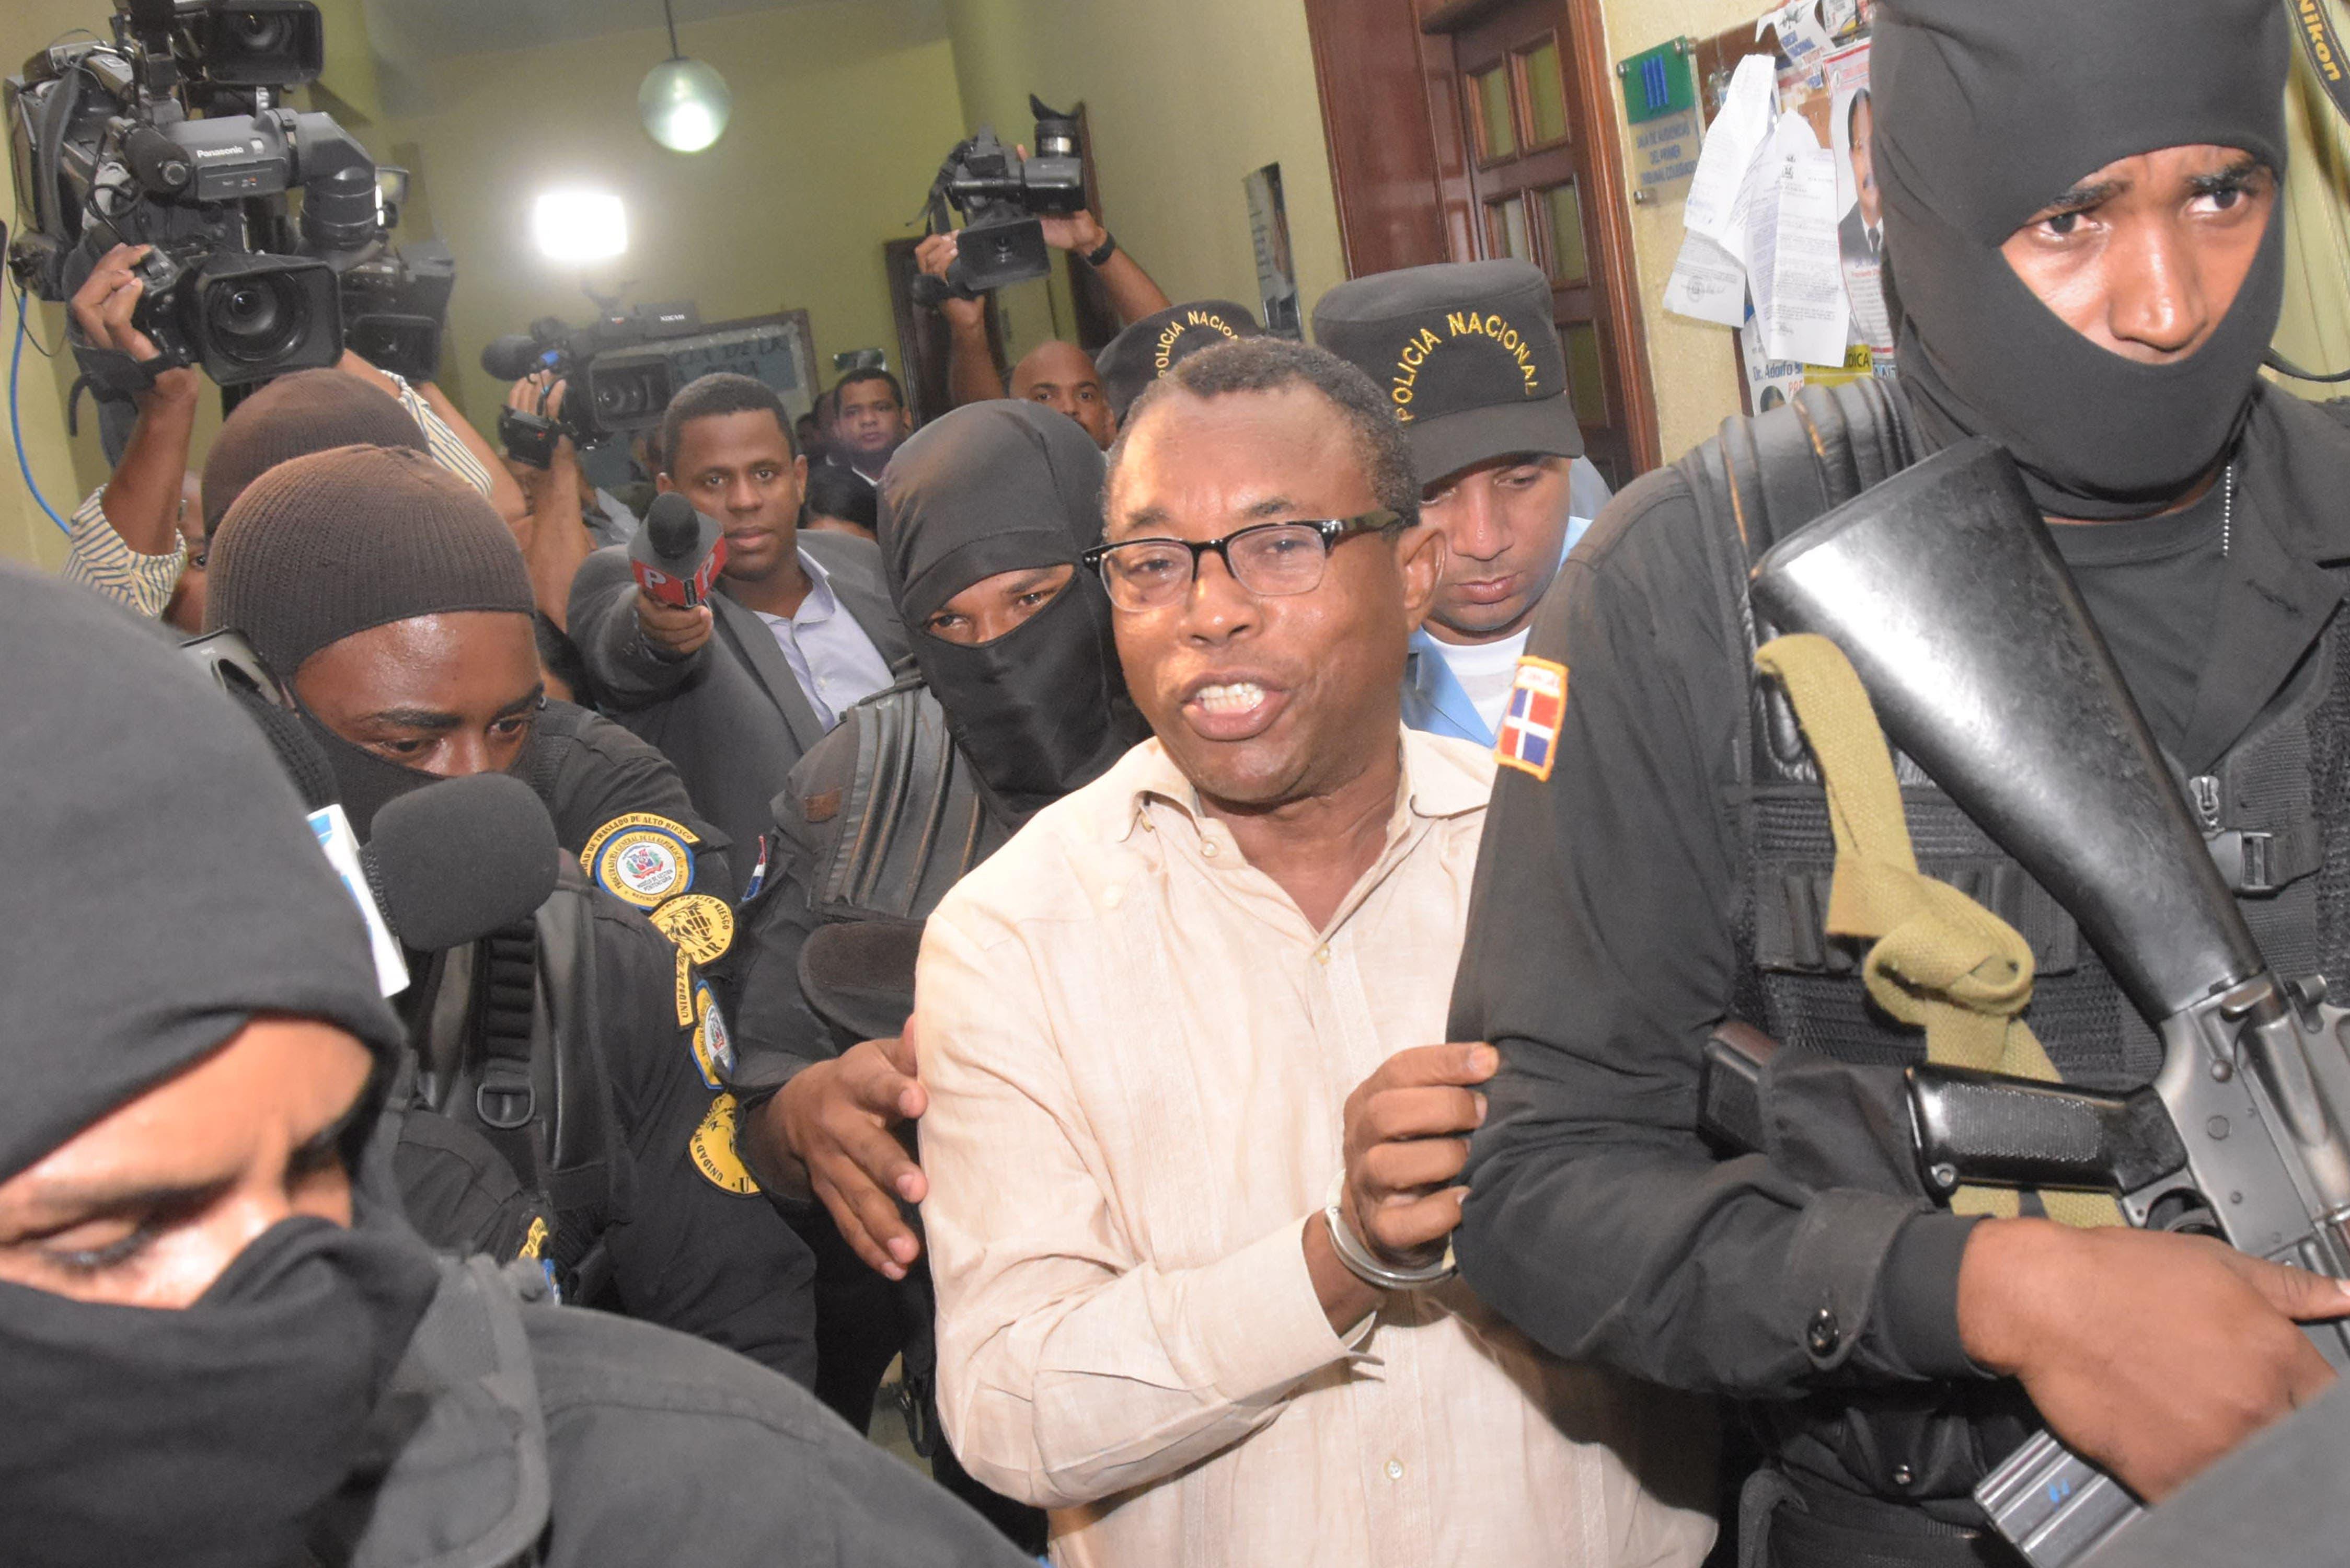 Fiscalía pide rechazar apelación de Blas Peralta busca reducción pena